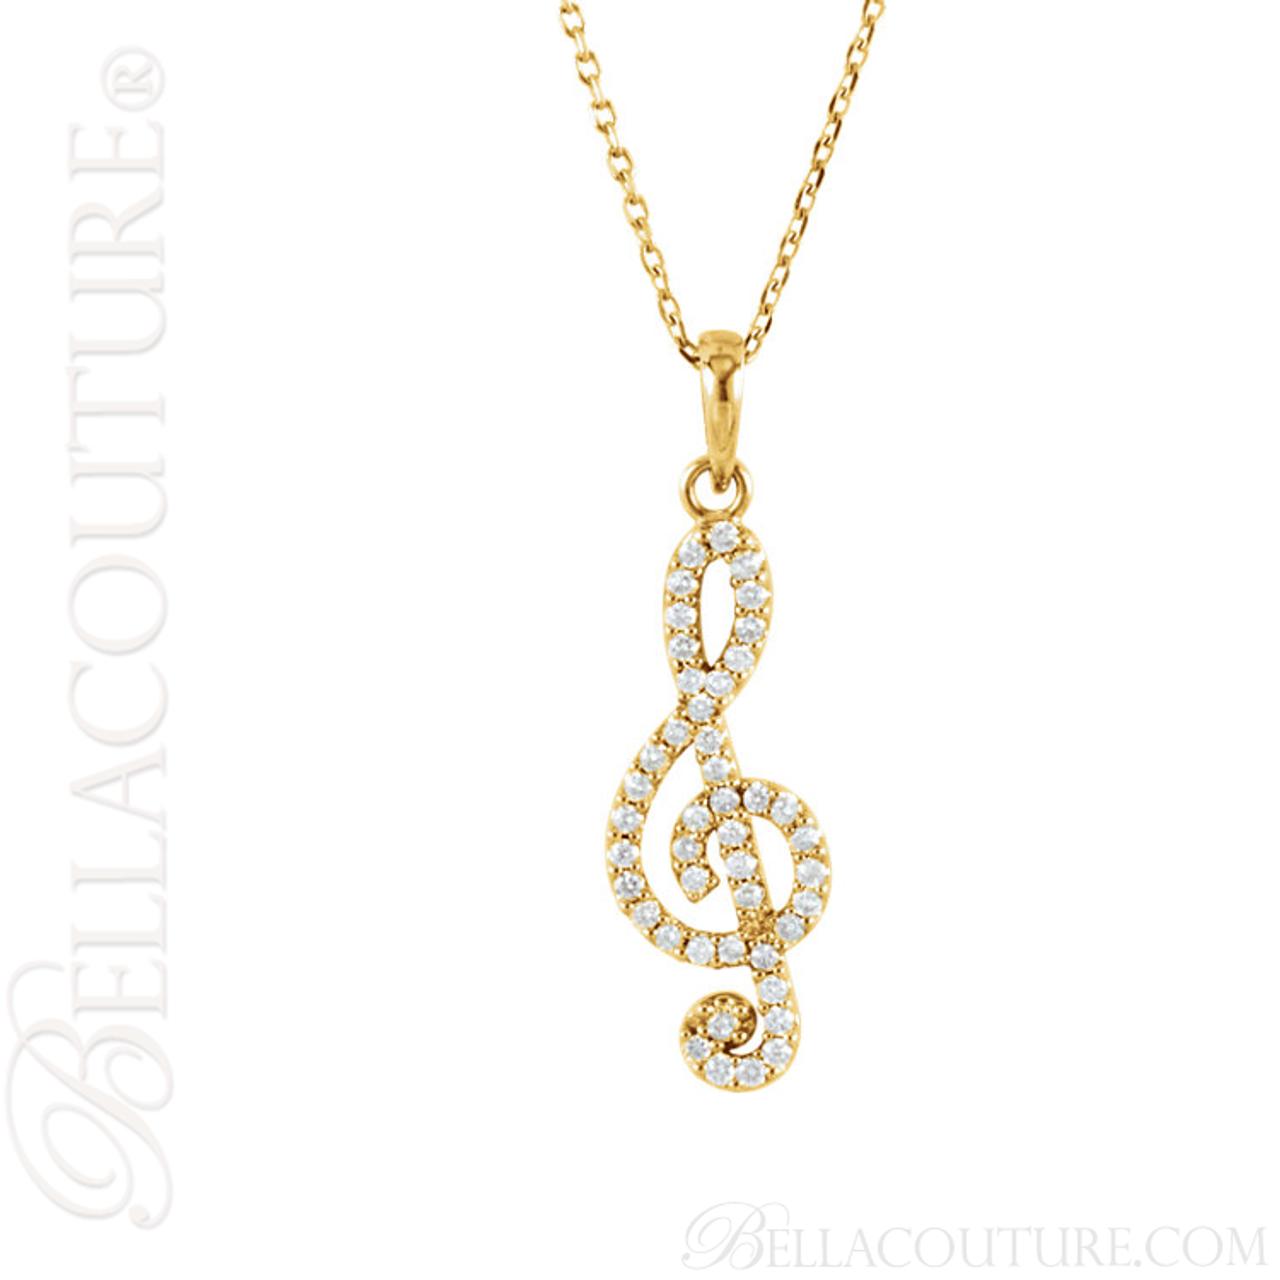 New bella couture fine petite treble clef diamond 14k yellow gold new bella couture fine petite treble clef diamond 14k yellow gold pendant necklace aloadofball Gallery